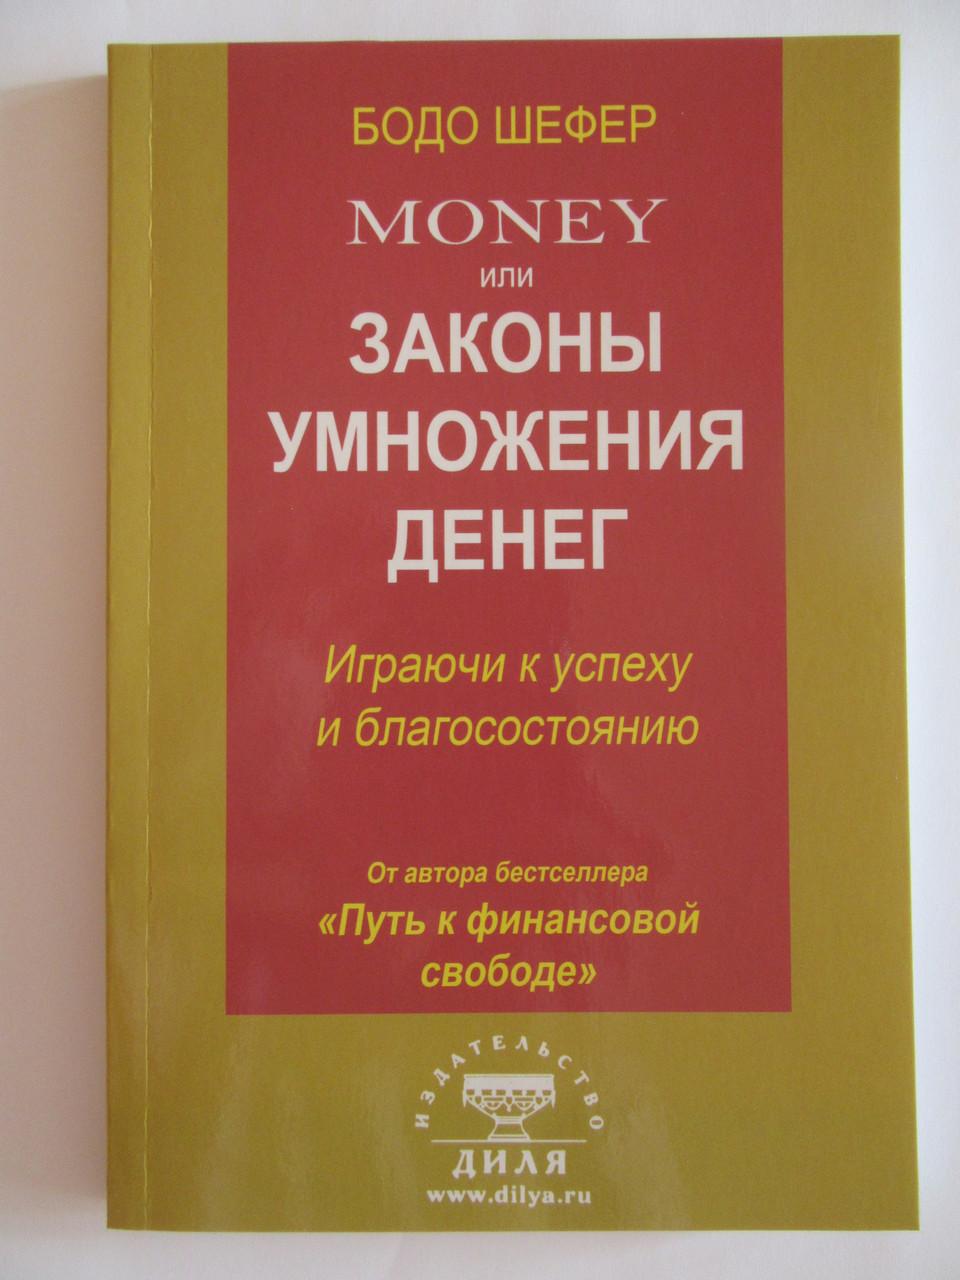 Money (Мани), или Законы умножения денег. Бодо Шефер (белая бумага)